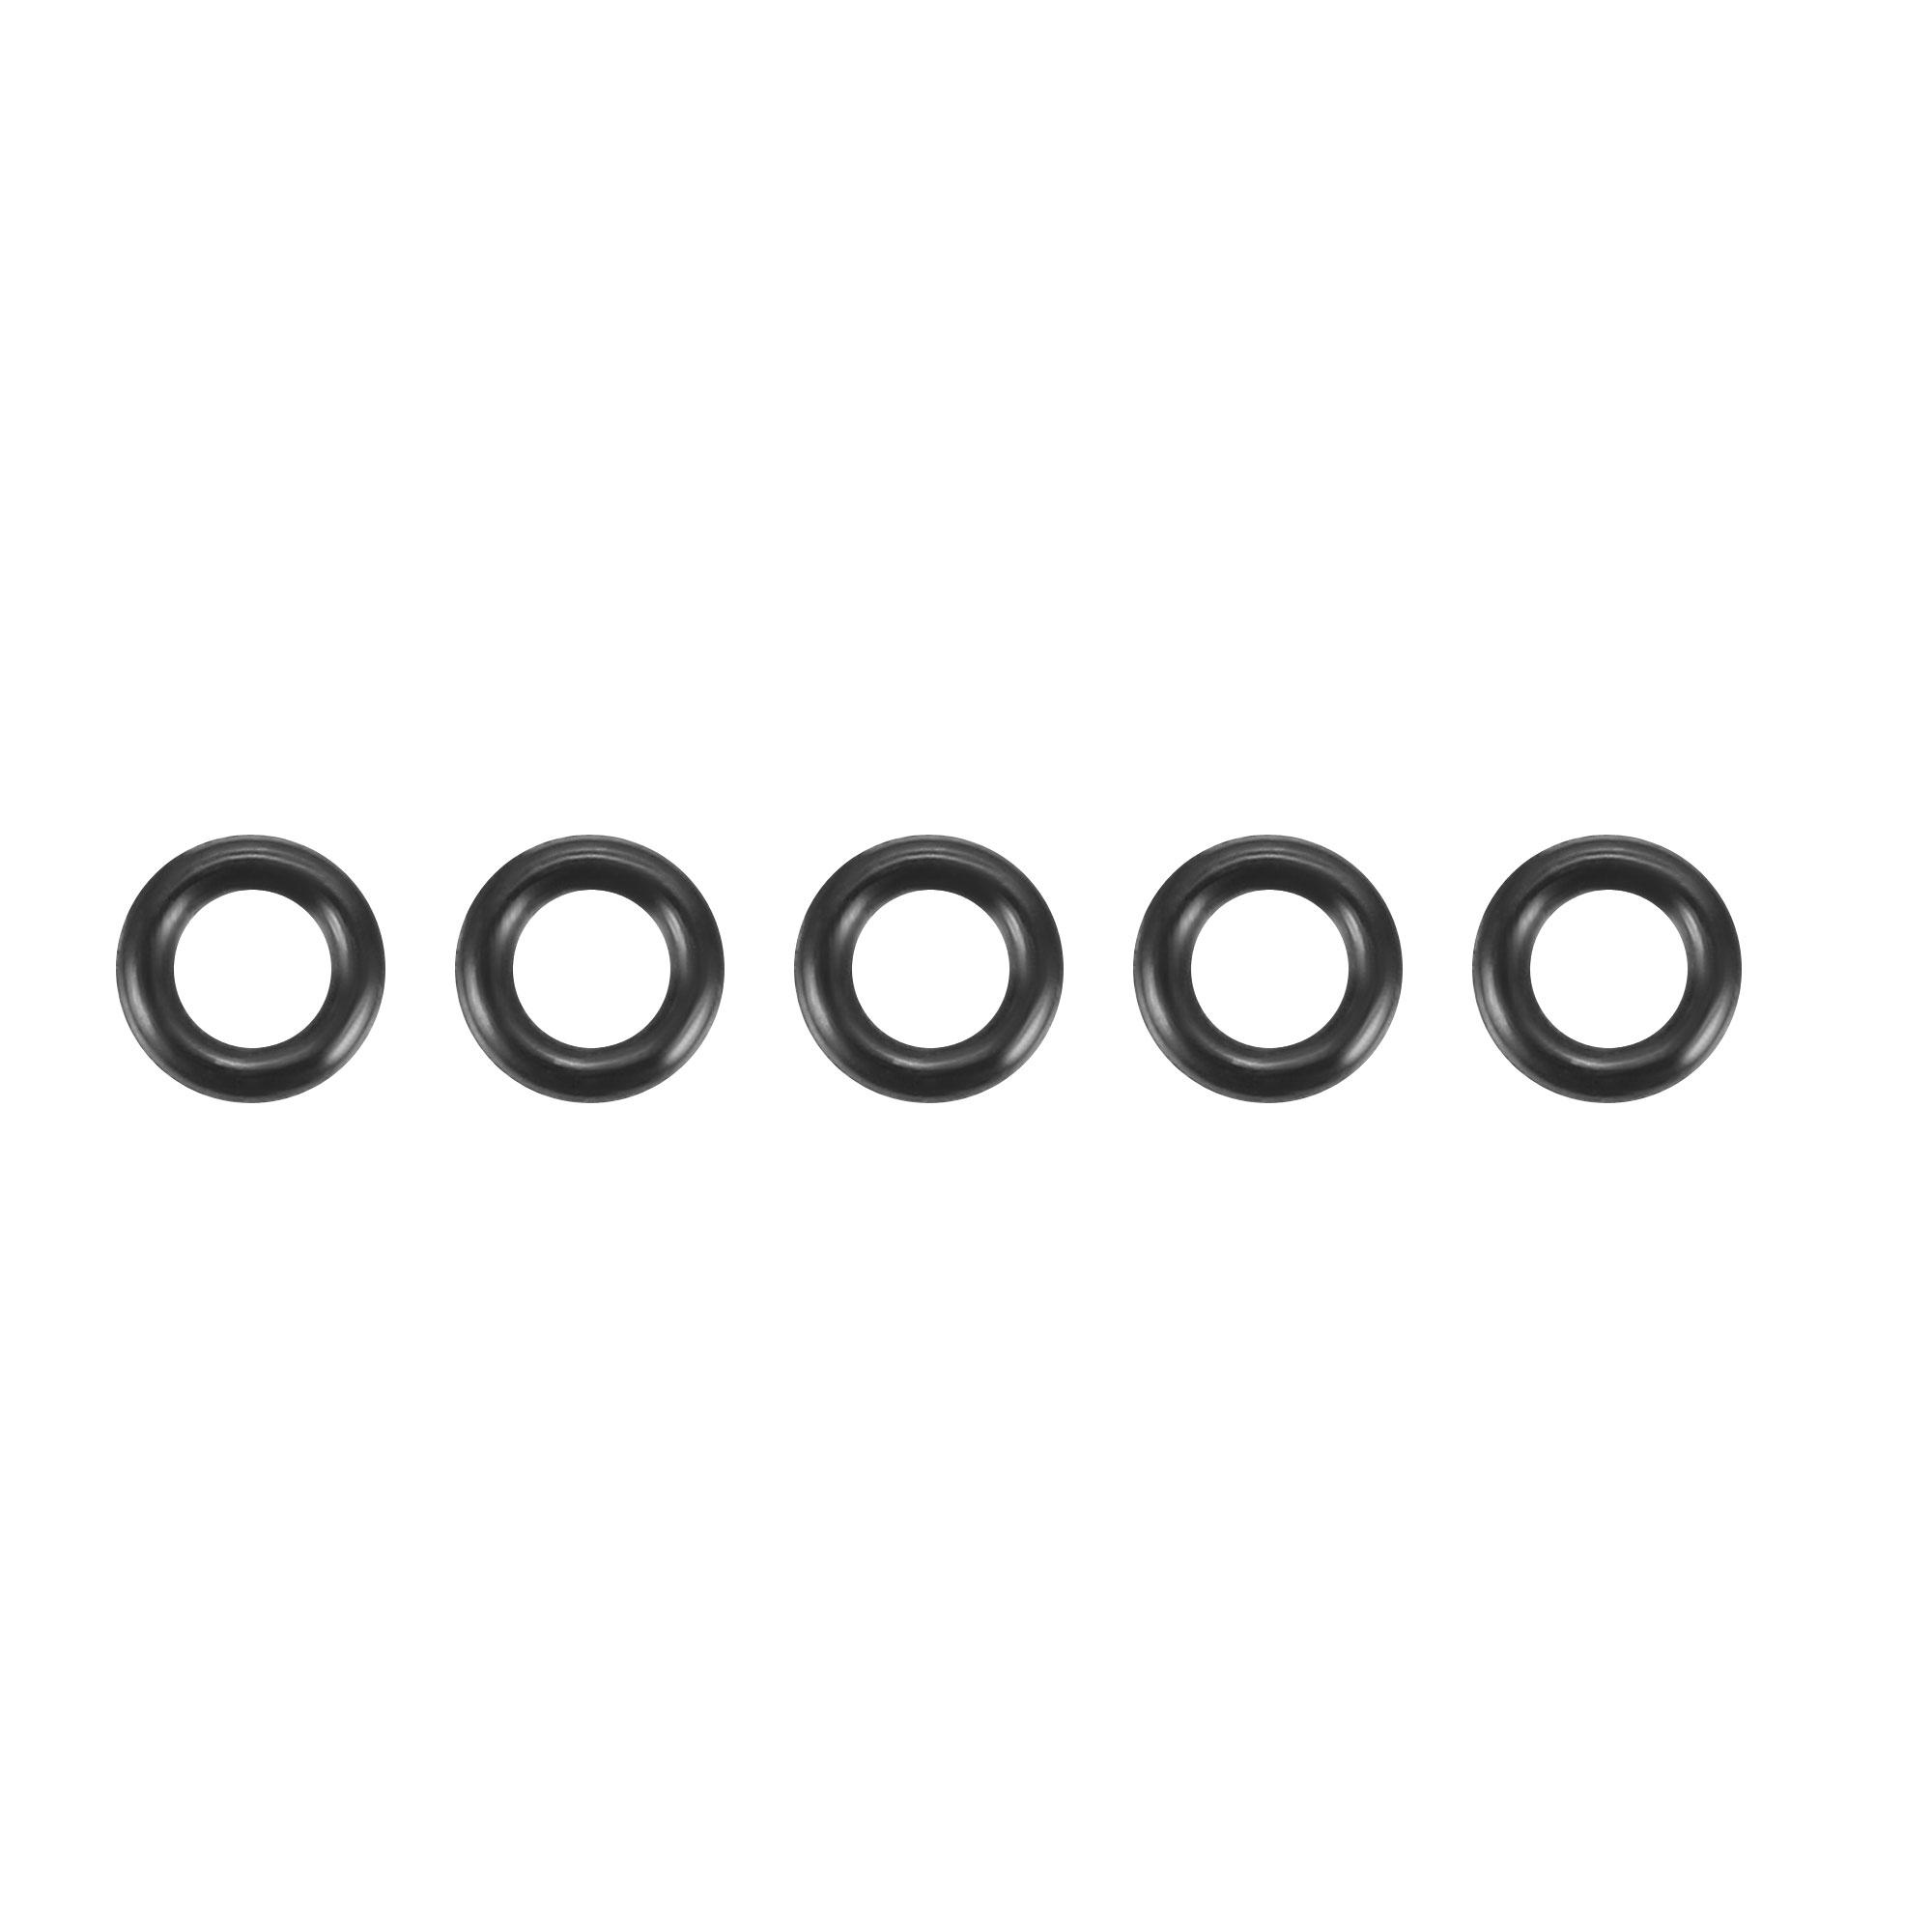 30pcs Black Nitrile Butadiene Rubber NBR O-Ring 1.6mm Inner Dia 0.8mm Width